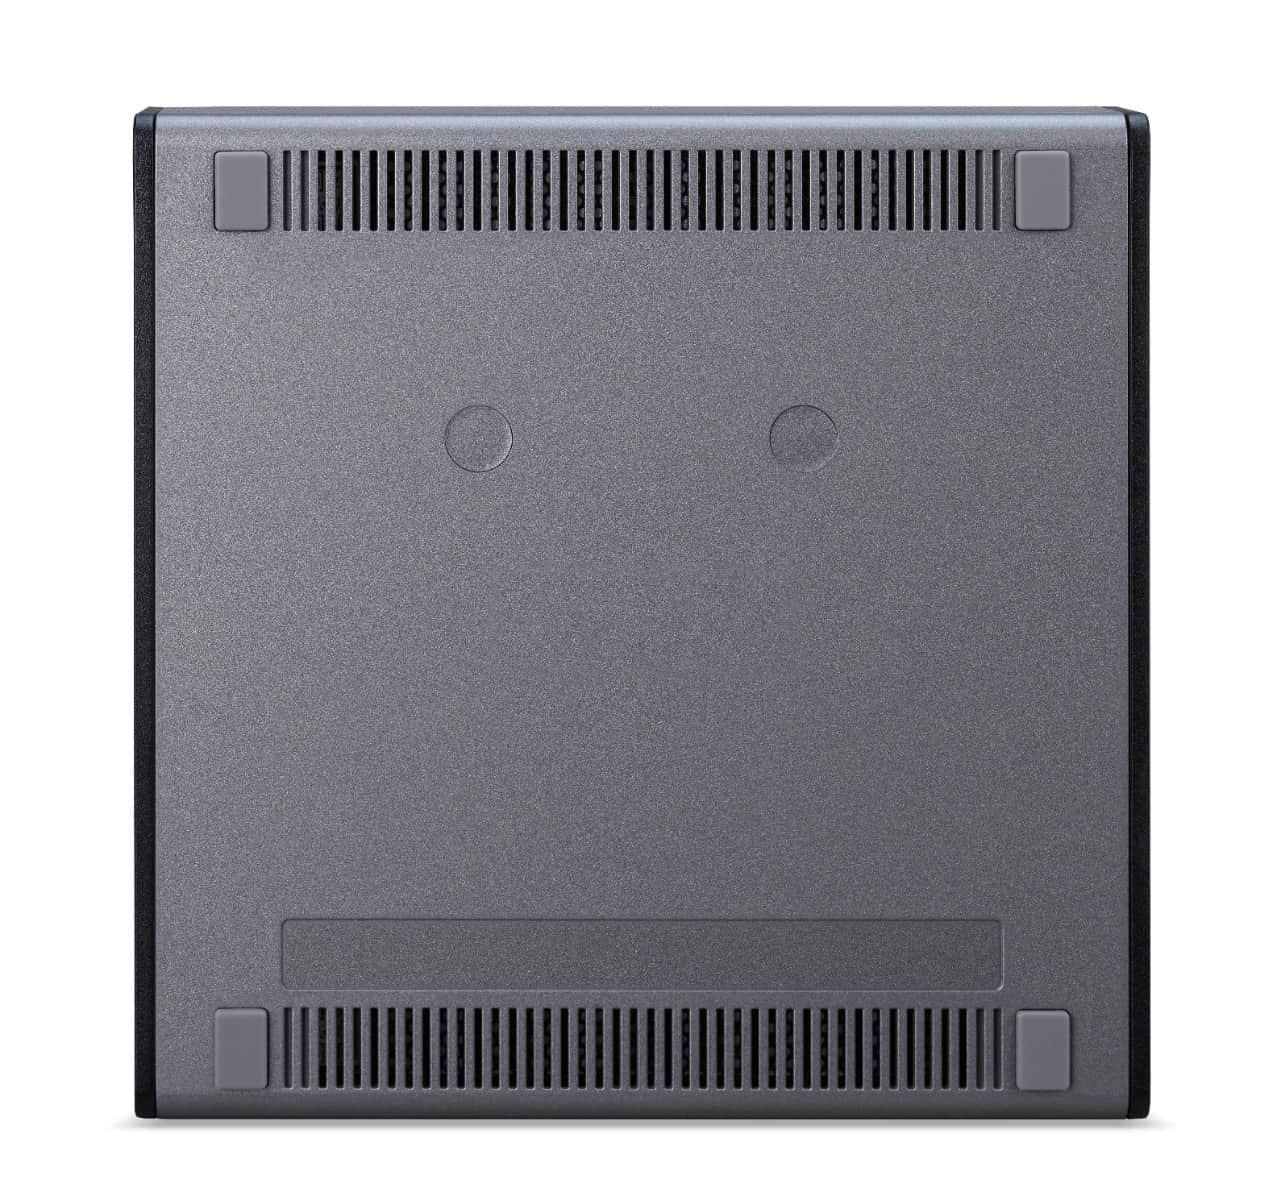 Acer Chromebox CXI4 Basic 02